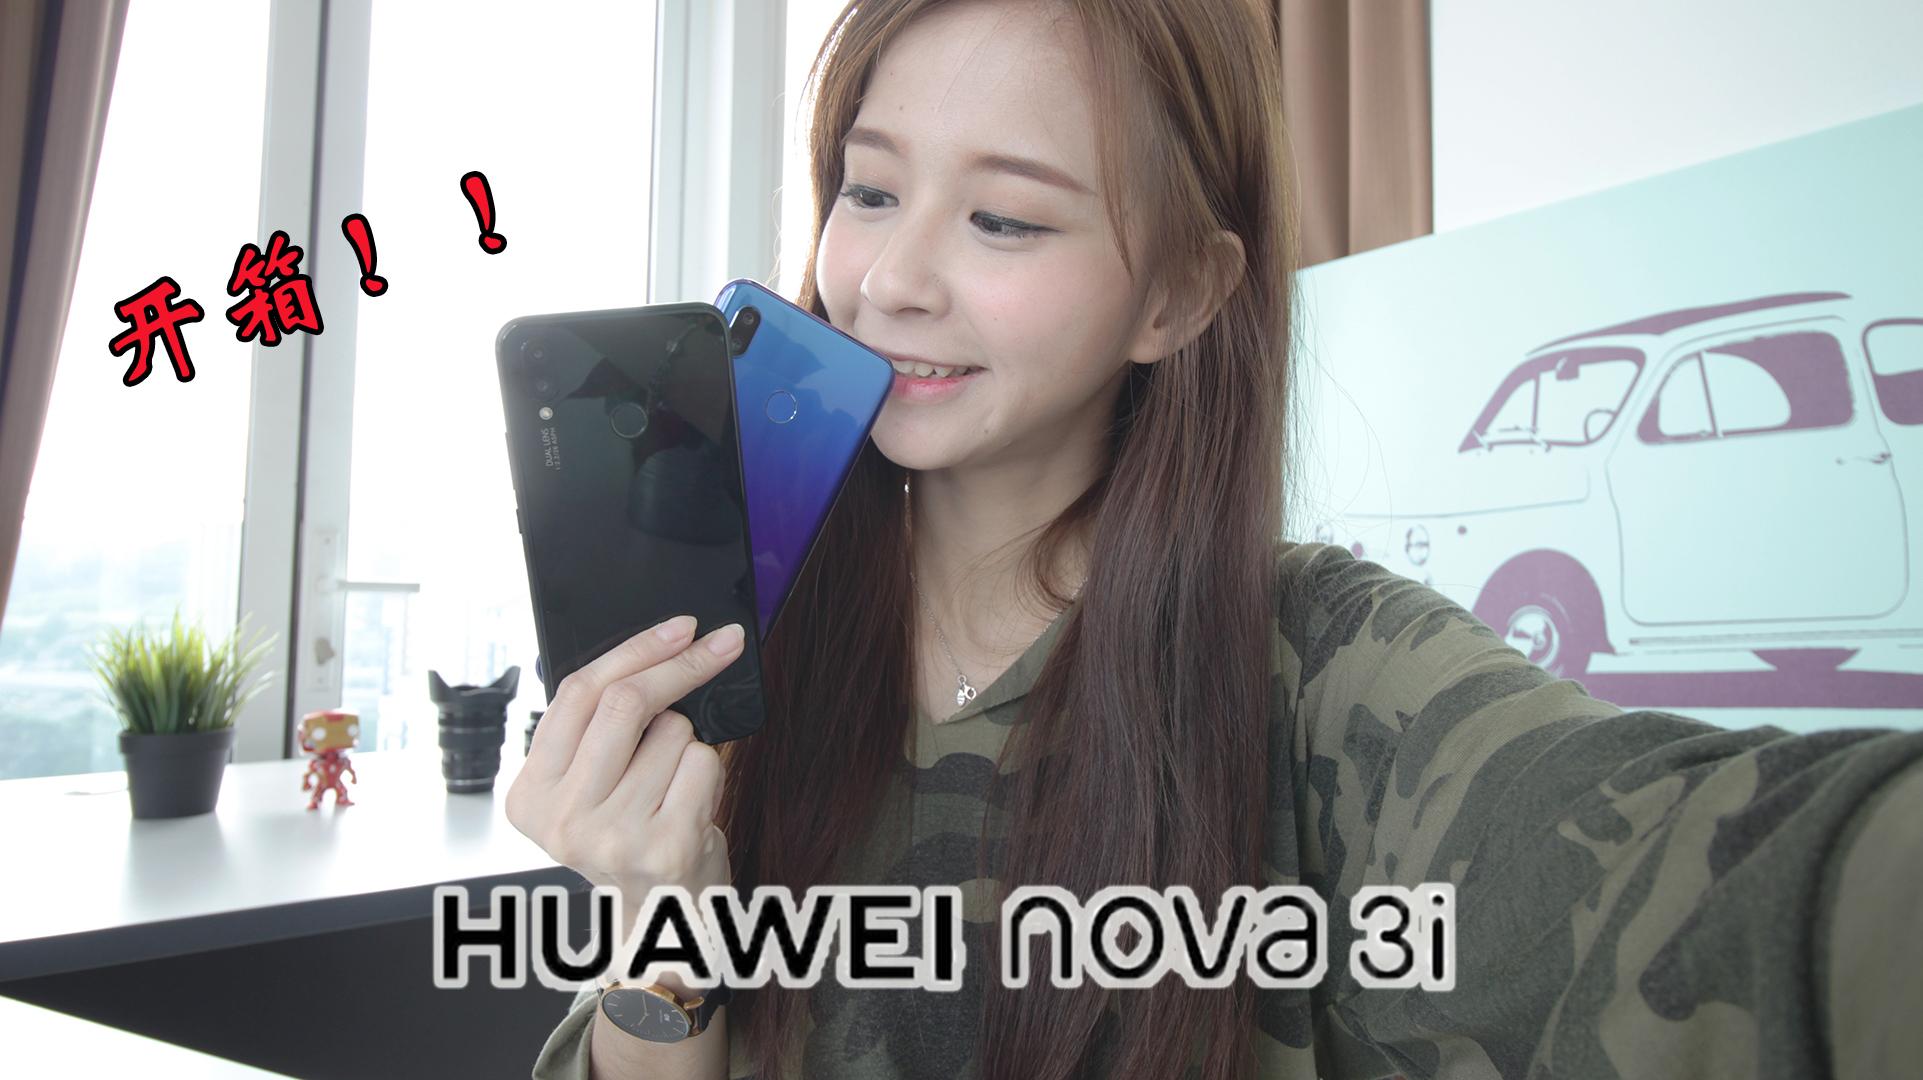 开箱Huawei Nova 3i,前置24MP+2MP自拍镜头、后置16MP+2MP摄像头,价钱只售RM1249!